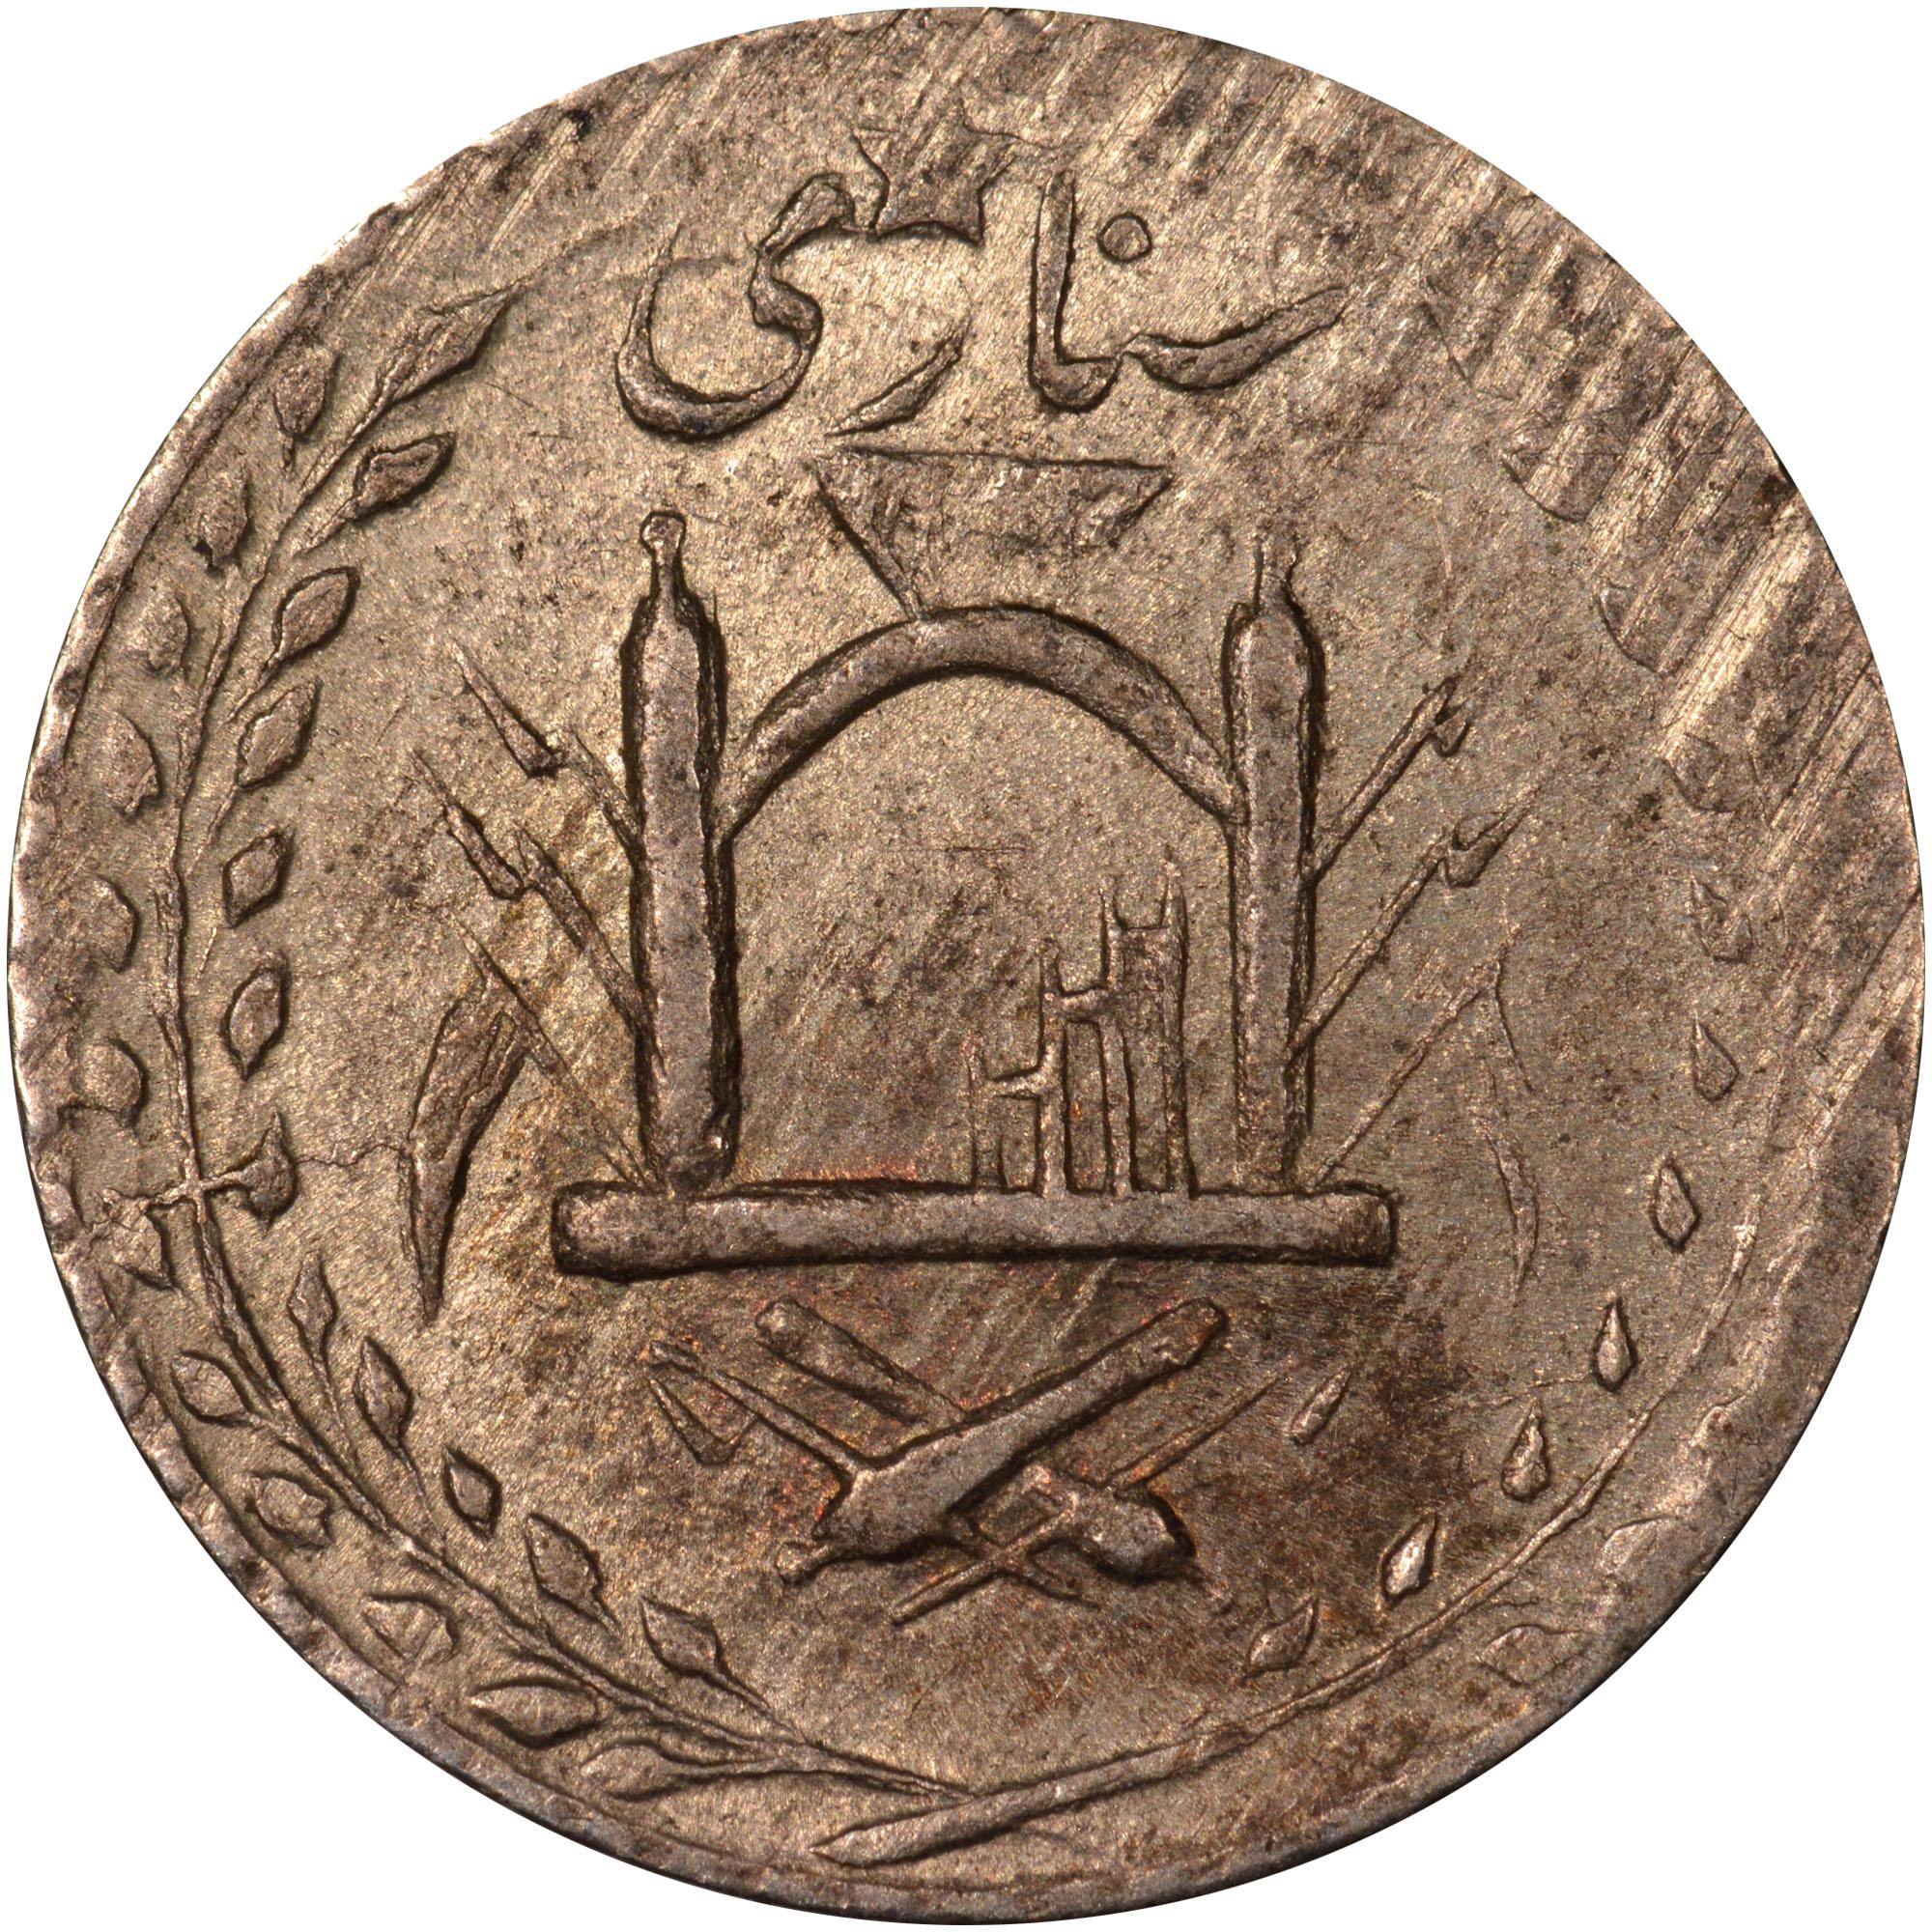 Afghanistan Sanar reverse